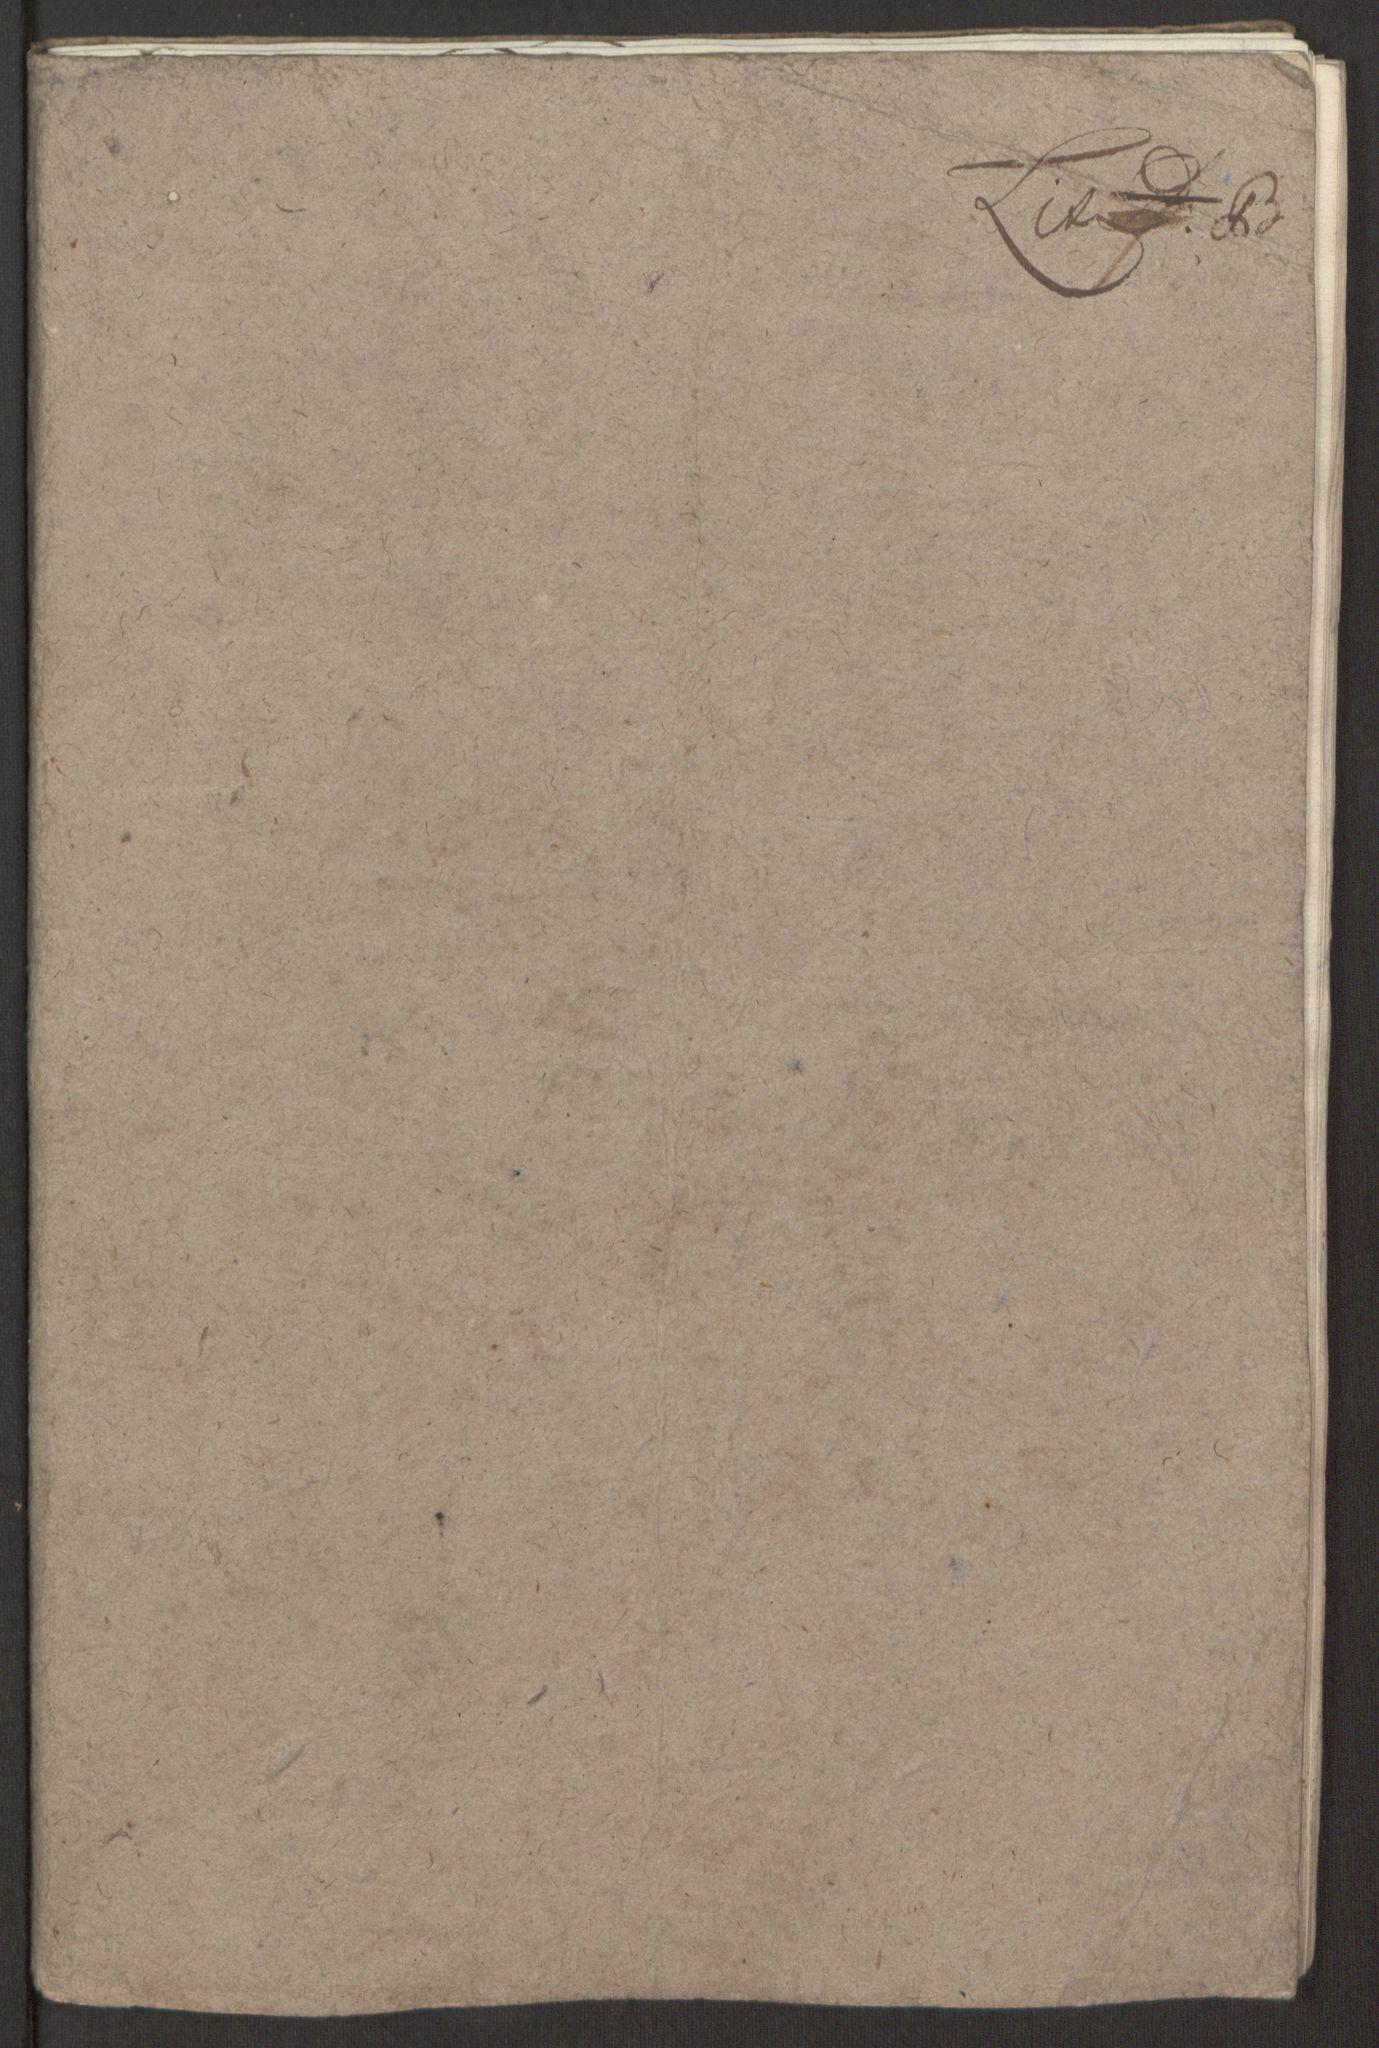 RA, Rentekammeret inntil 1814, Reviderte regnskaper, Fogderegnskap, R52/L3308: Fogderegnskap Sogn, 1695, s. 154